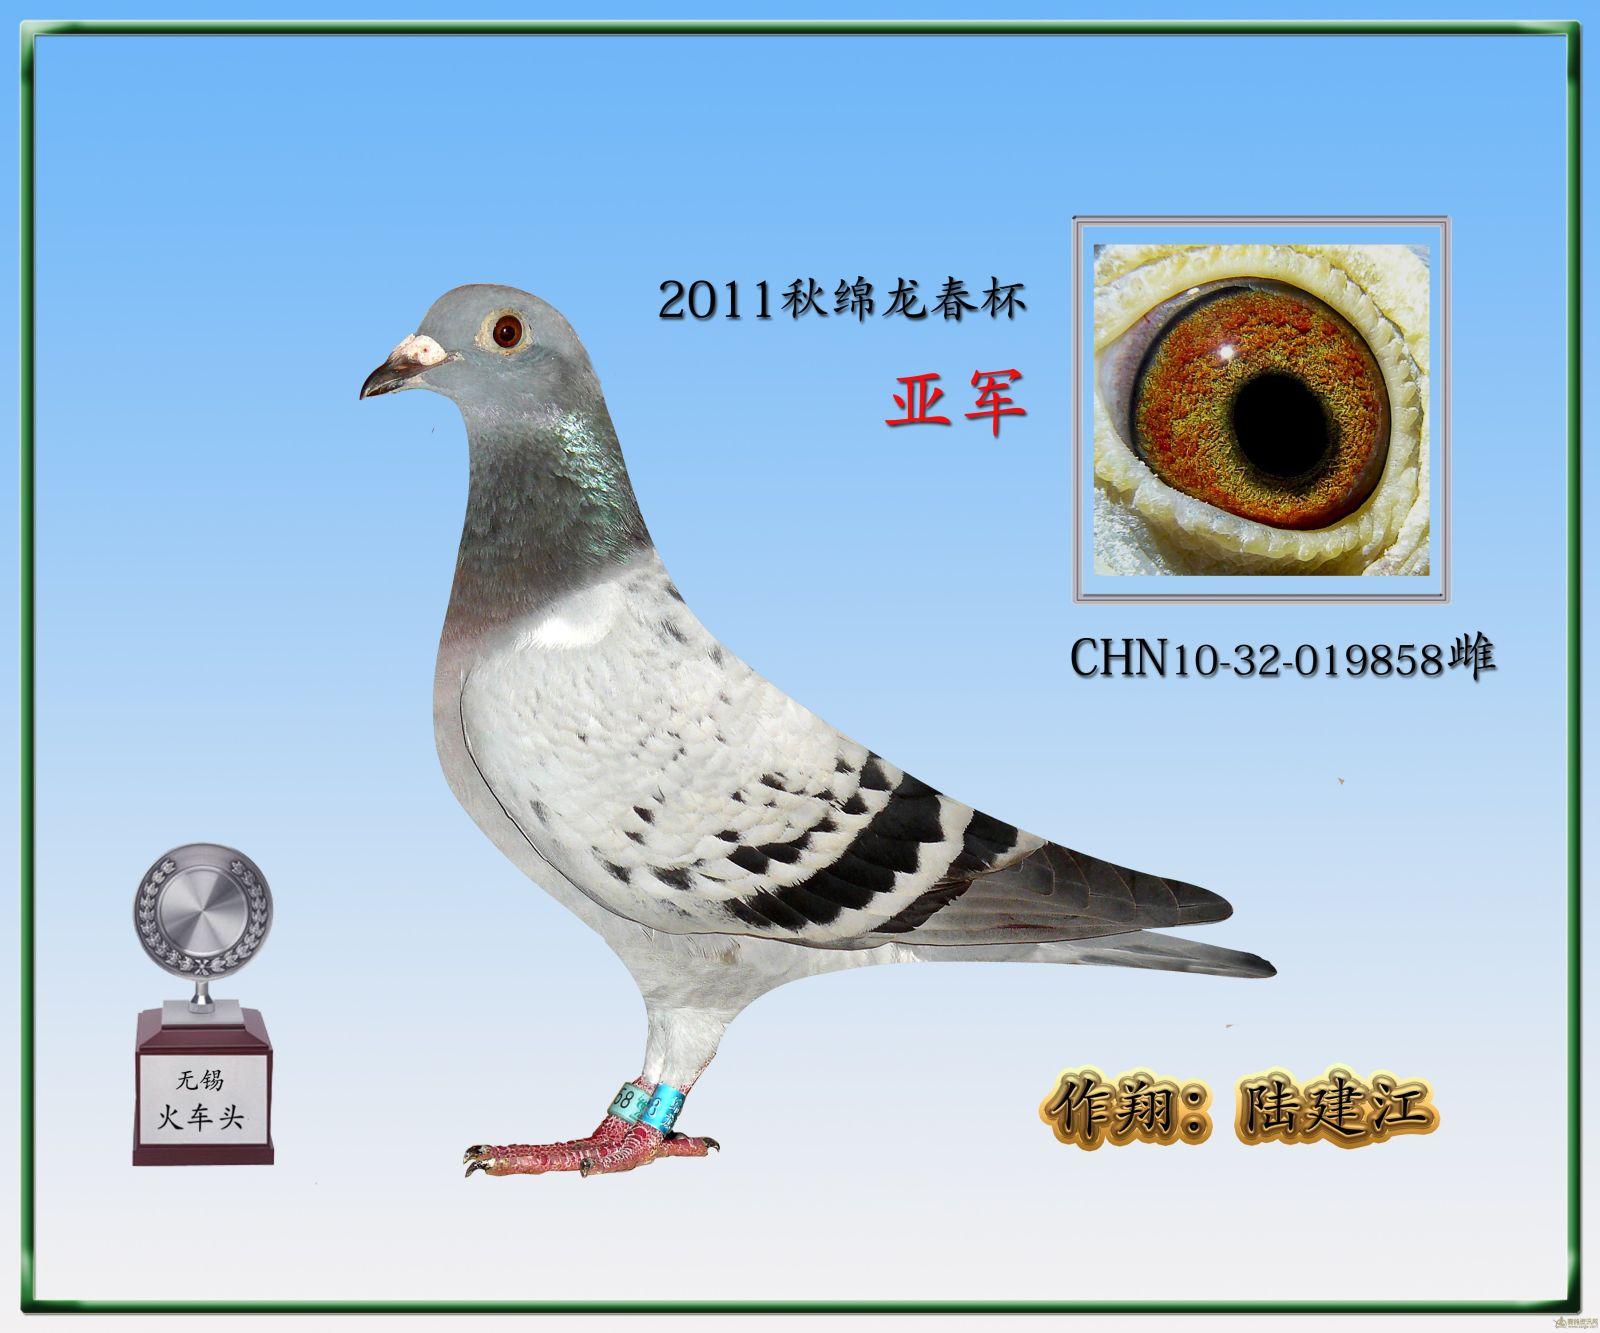 三营信鸽协会_元特比环季军《图》沭阳战神鸽舍中国信鸽信